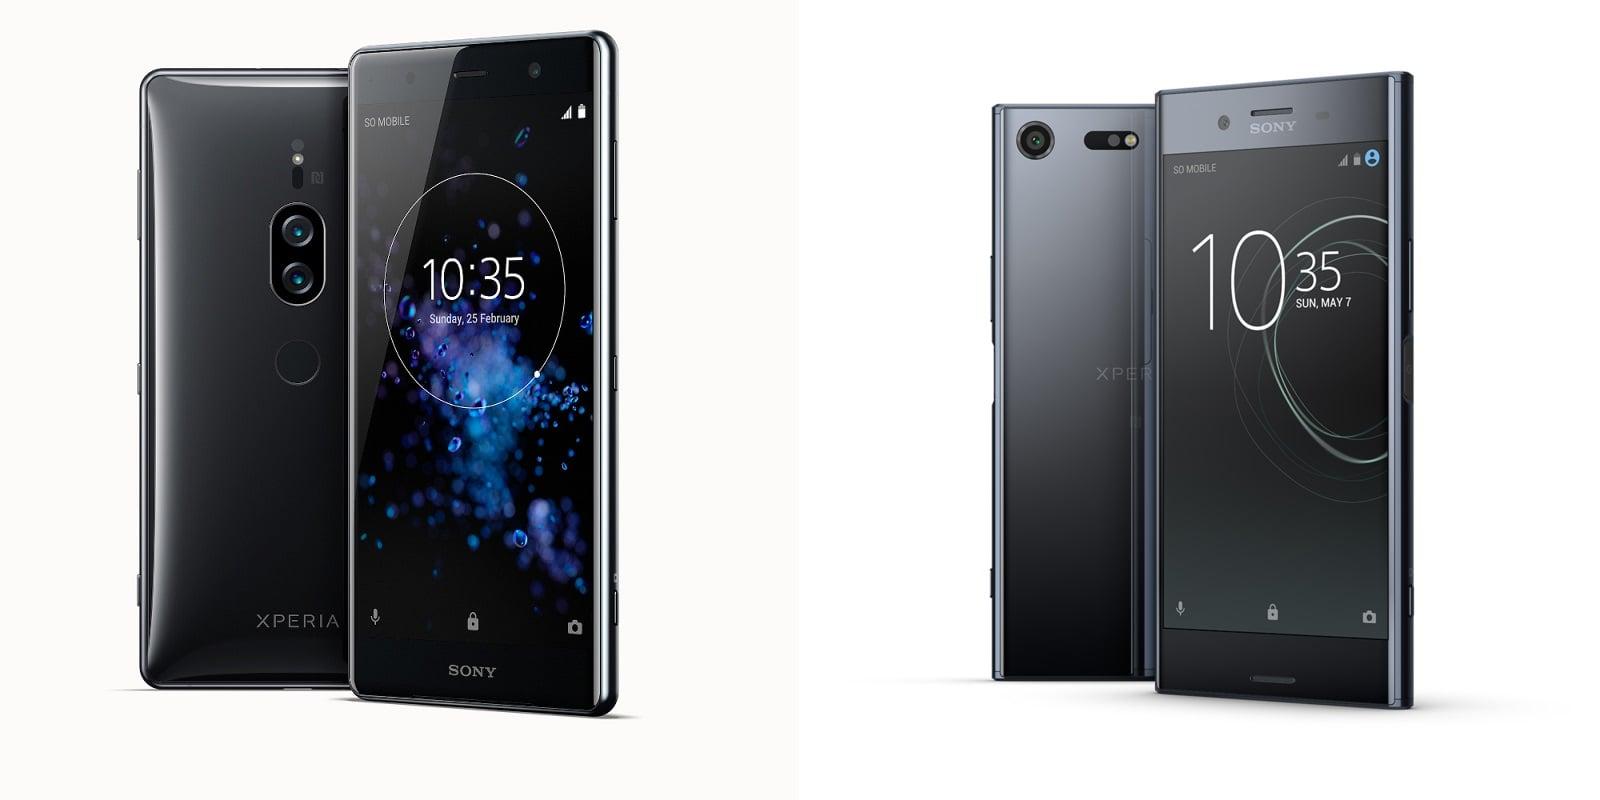 Sony Xperia XZ2 Premium vs Sony Xperia XZ Premium - porównanie parametrów. Co się zmieniło? 18